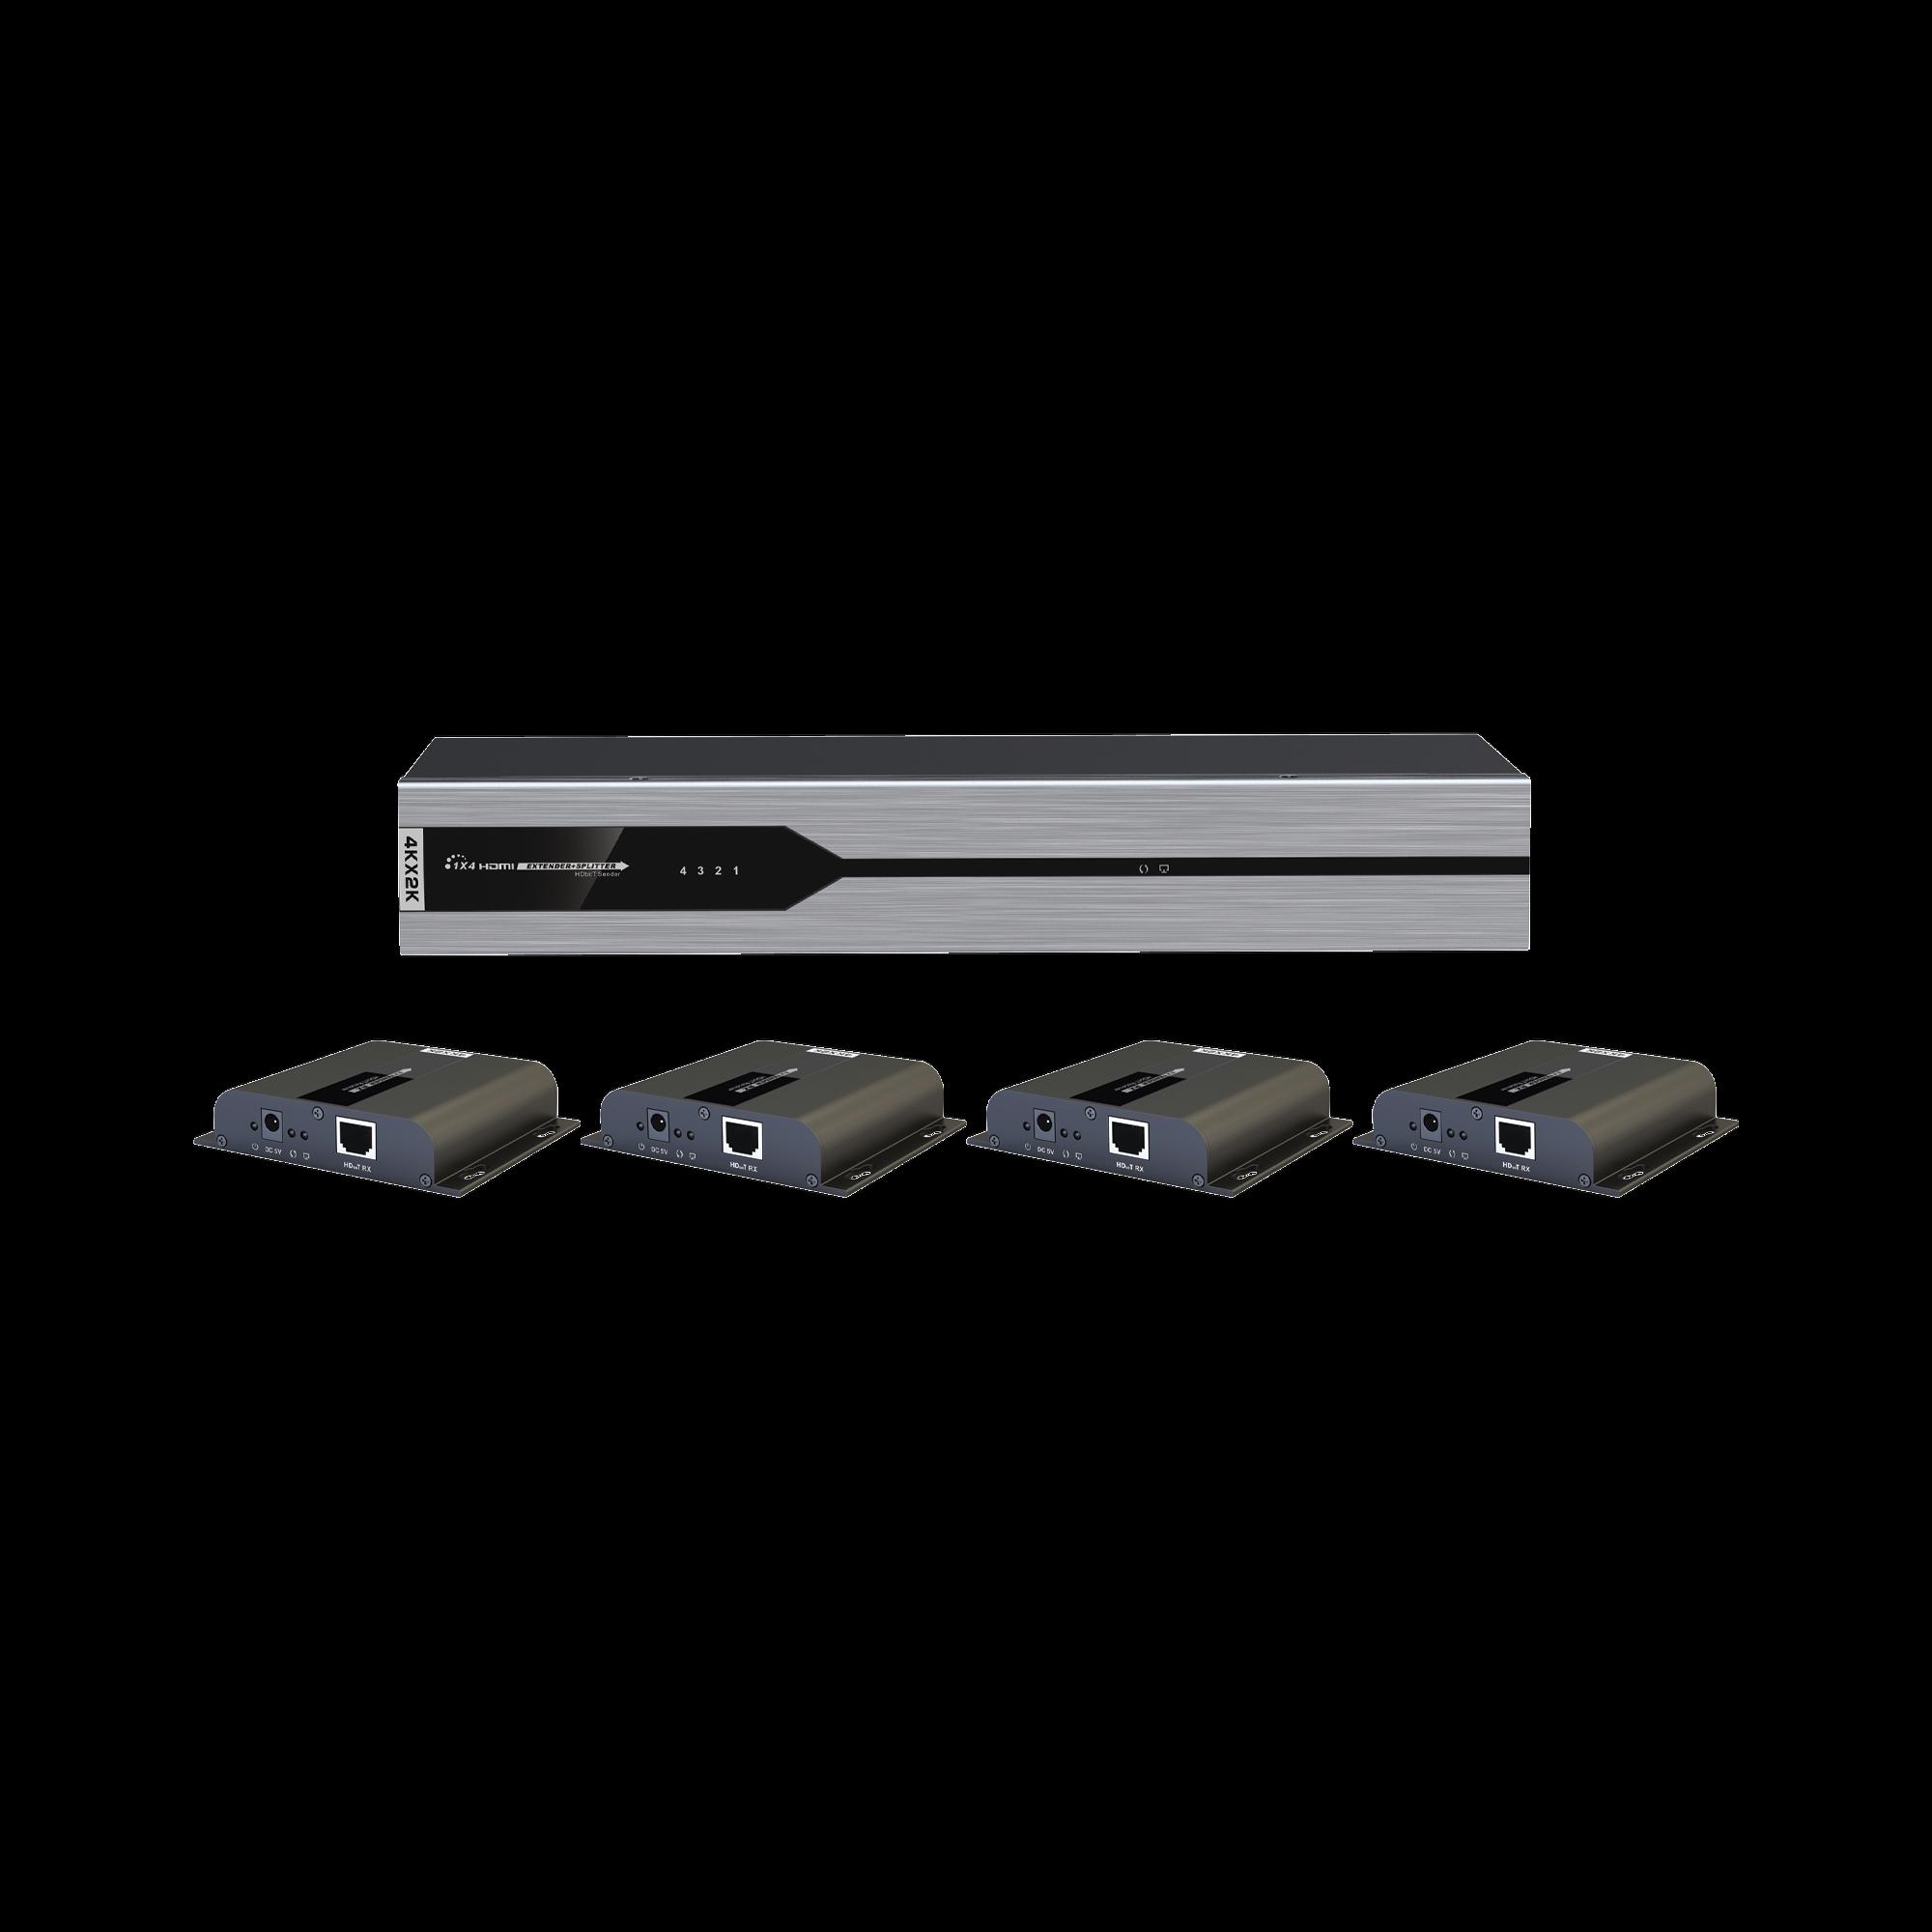 Kit de 1 entrada x 4 salidas 4K x 2K HDMI por cable Cat 6 a 120 metros